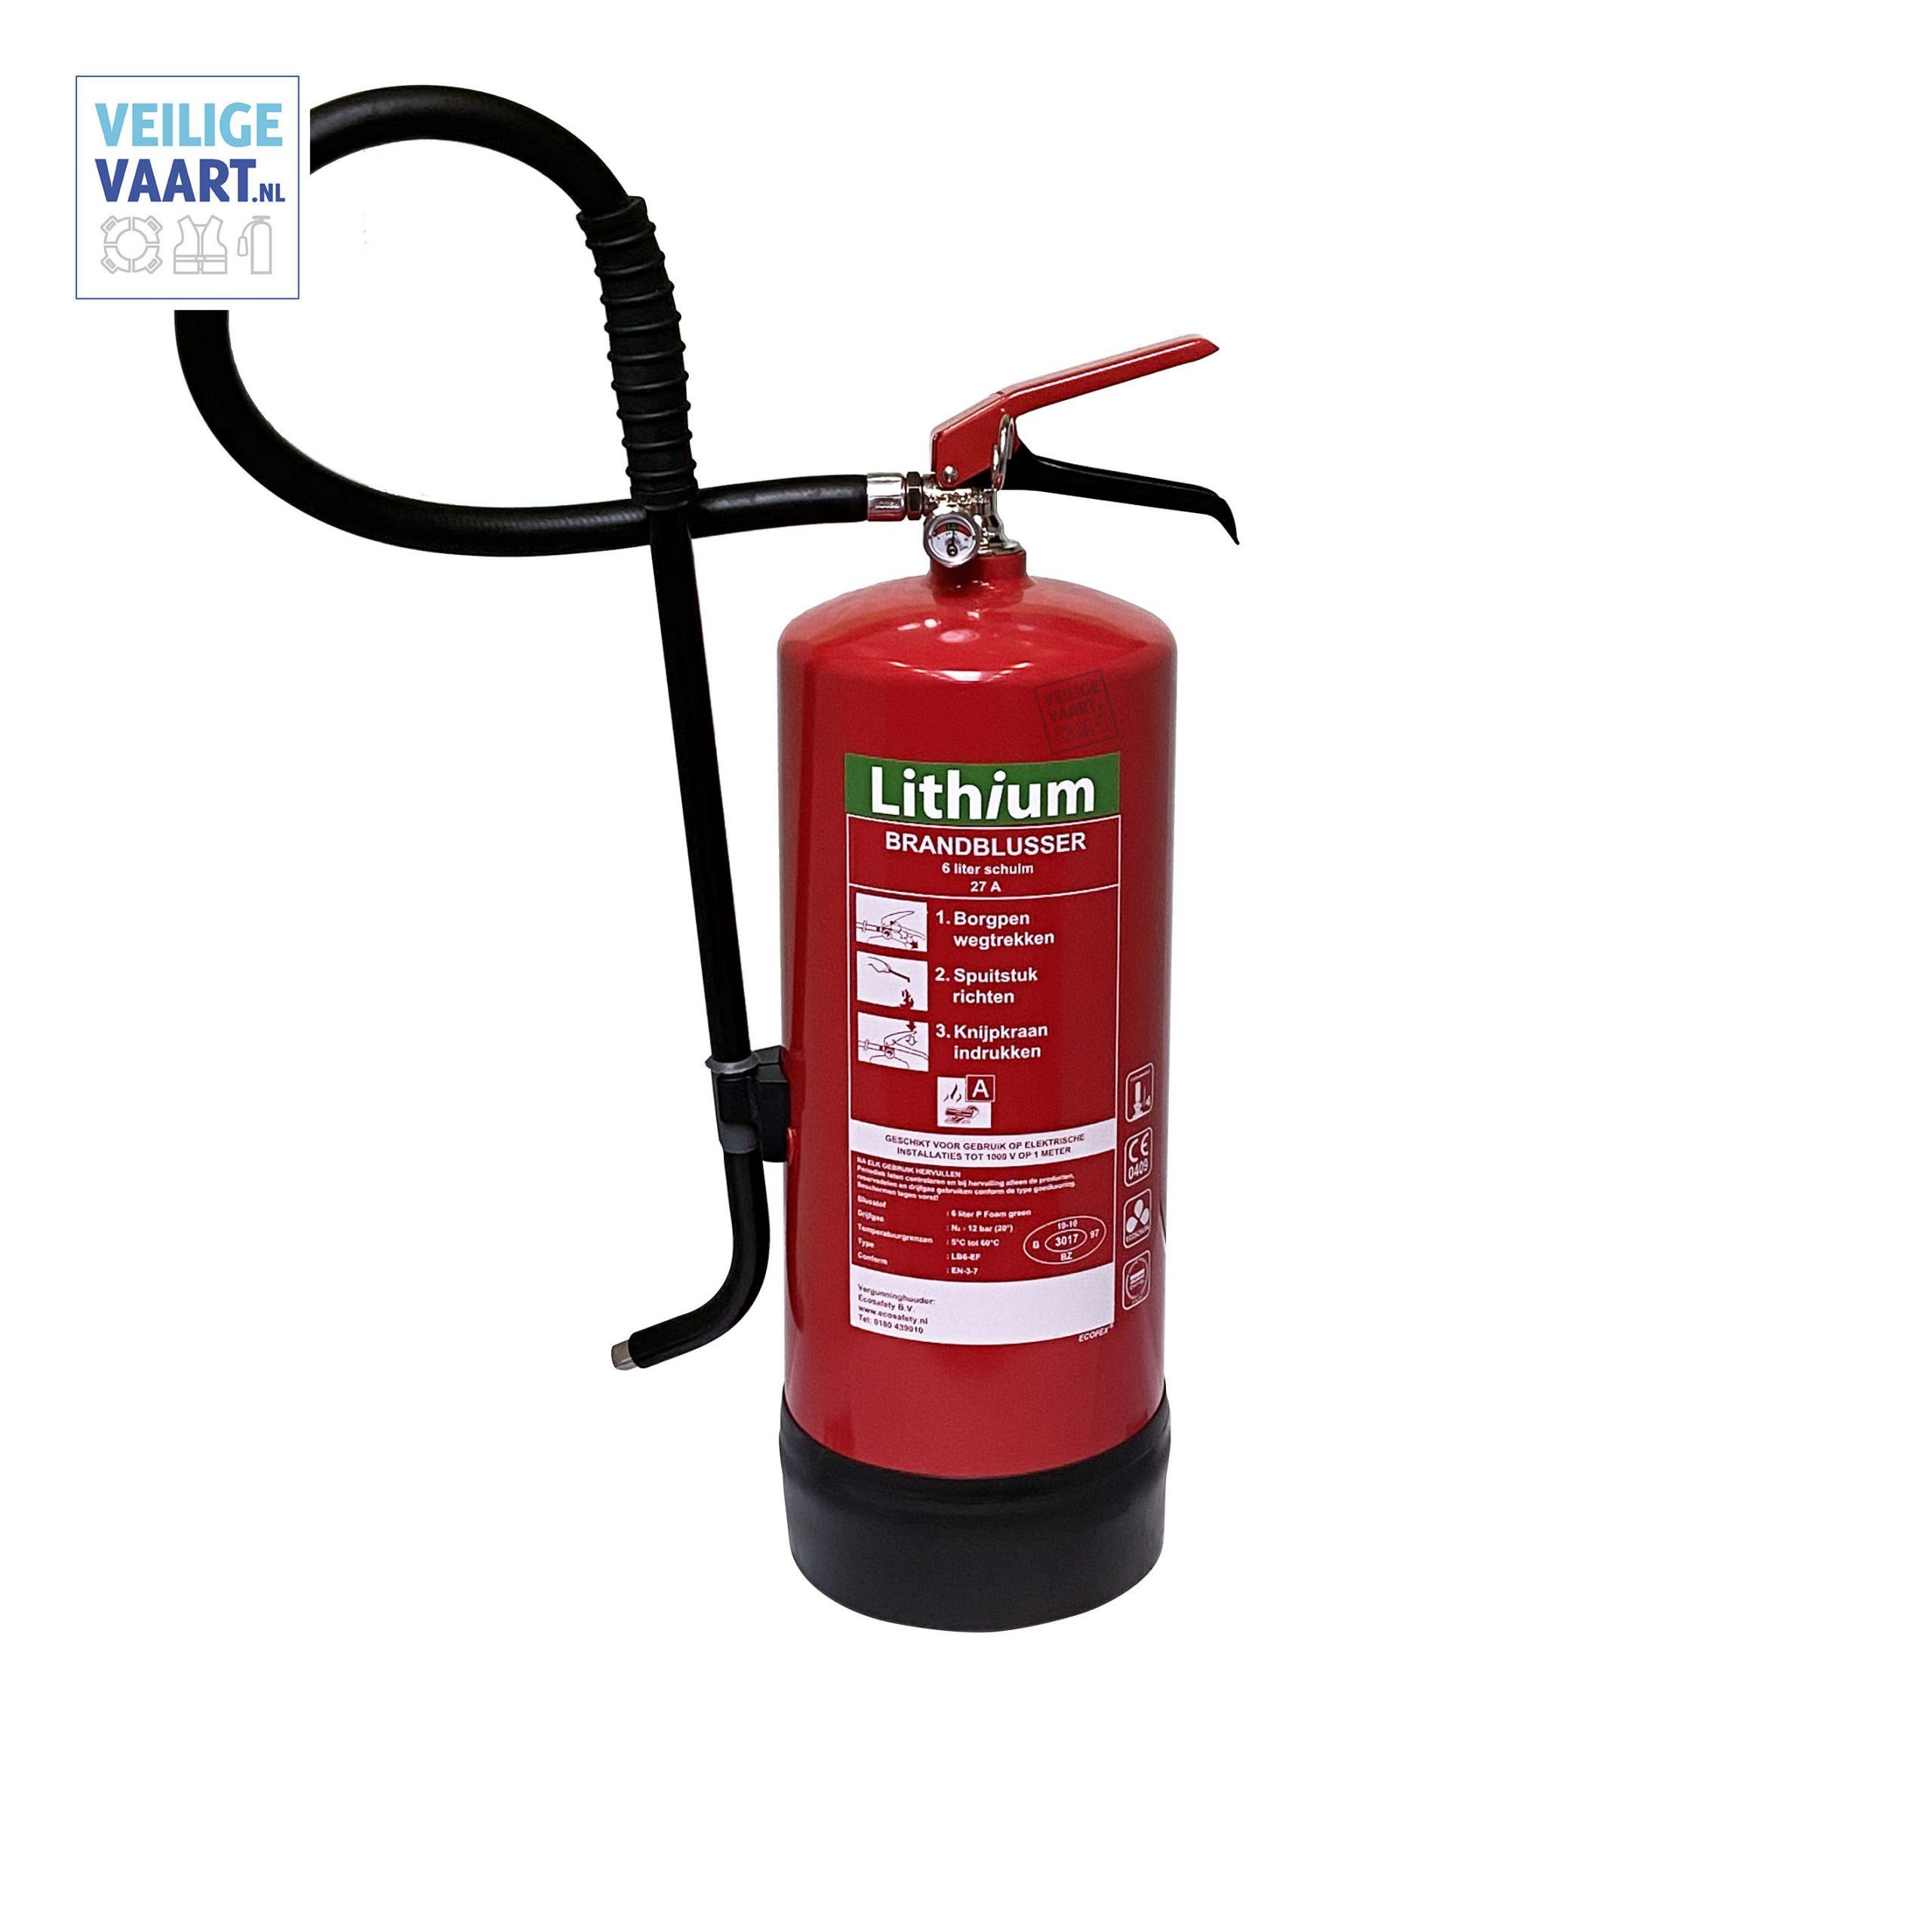 Lithium Brandblusser